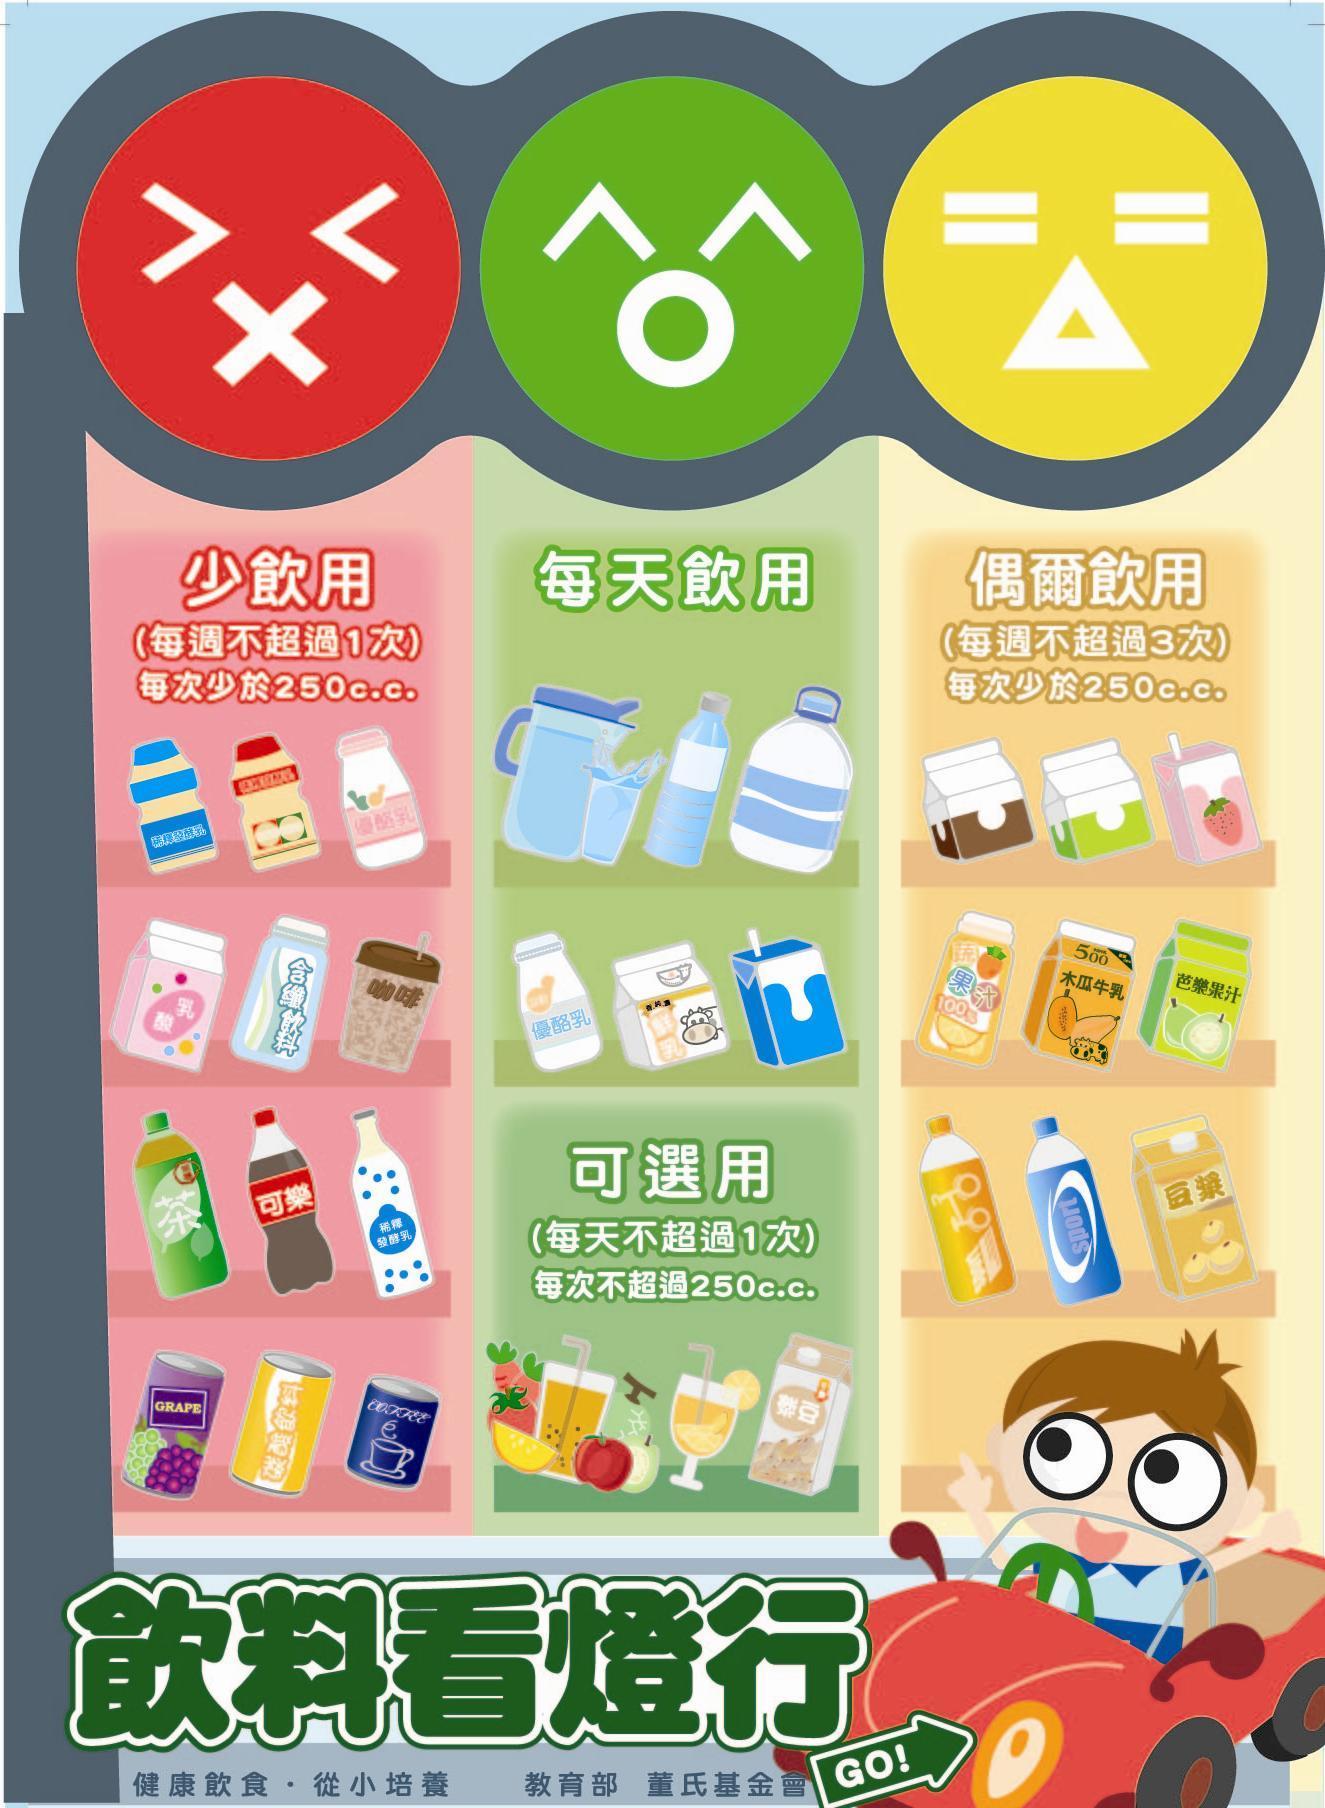 董氏基金會-食品營養特區